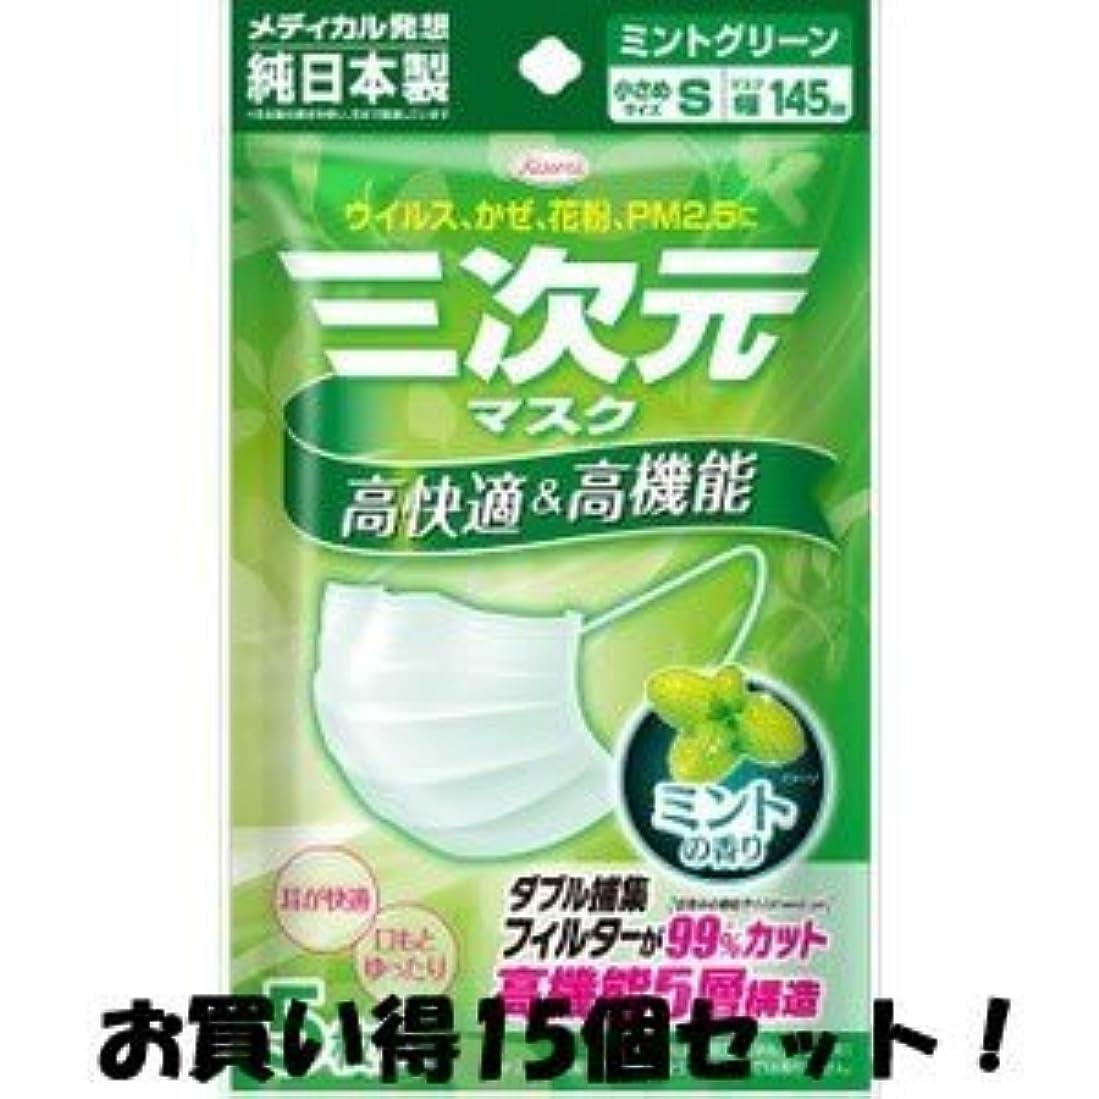 アラスカ拮抗する試す(興和新薬)三次元マスク ミントの香り グリーン 小さめSサイズ 5枚入(お買い得15個セット)